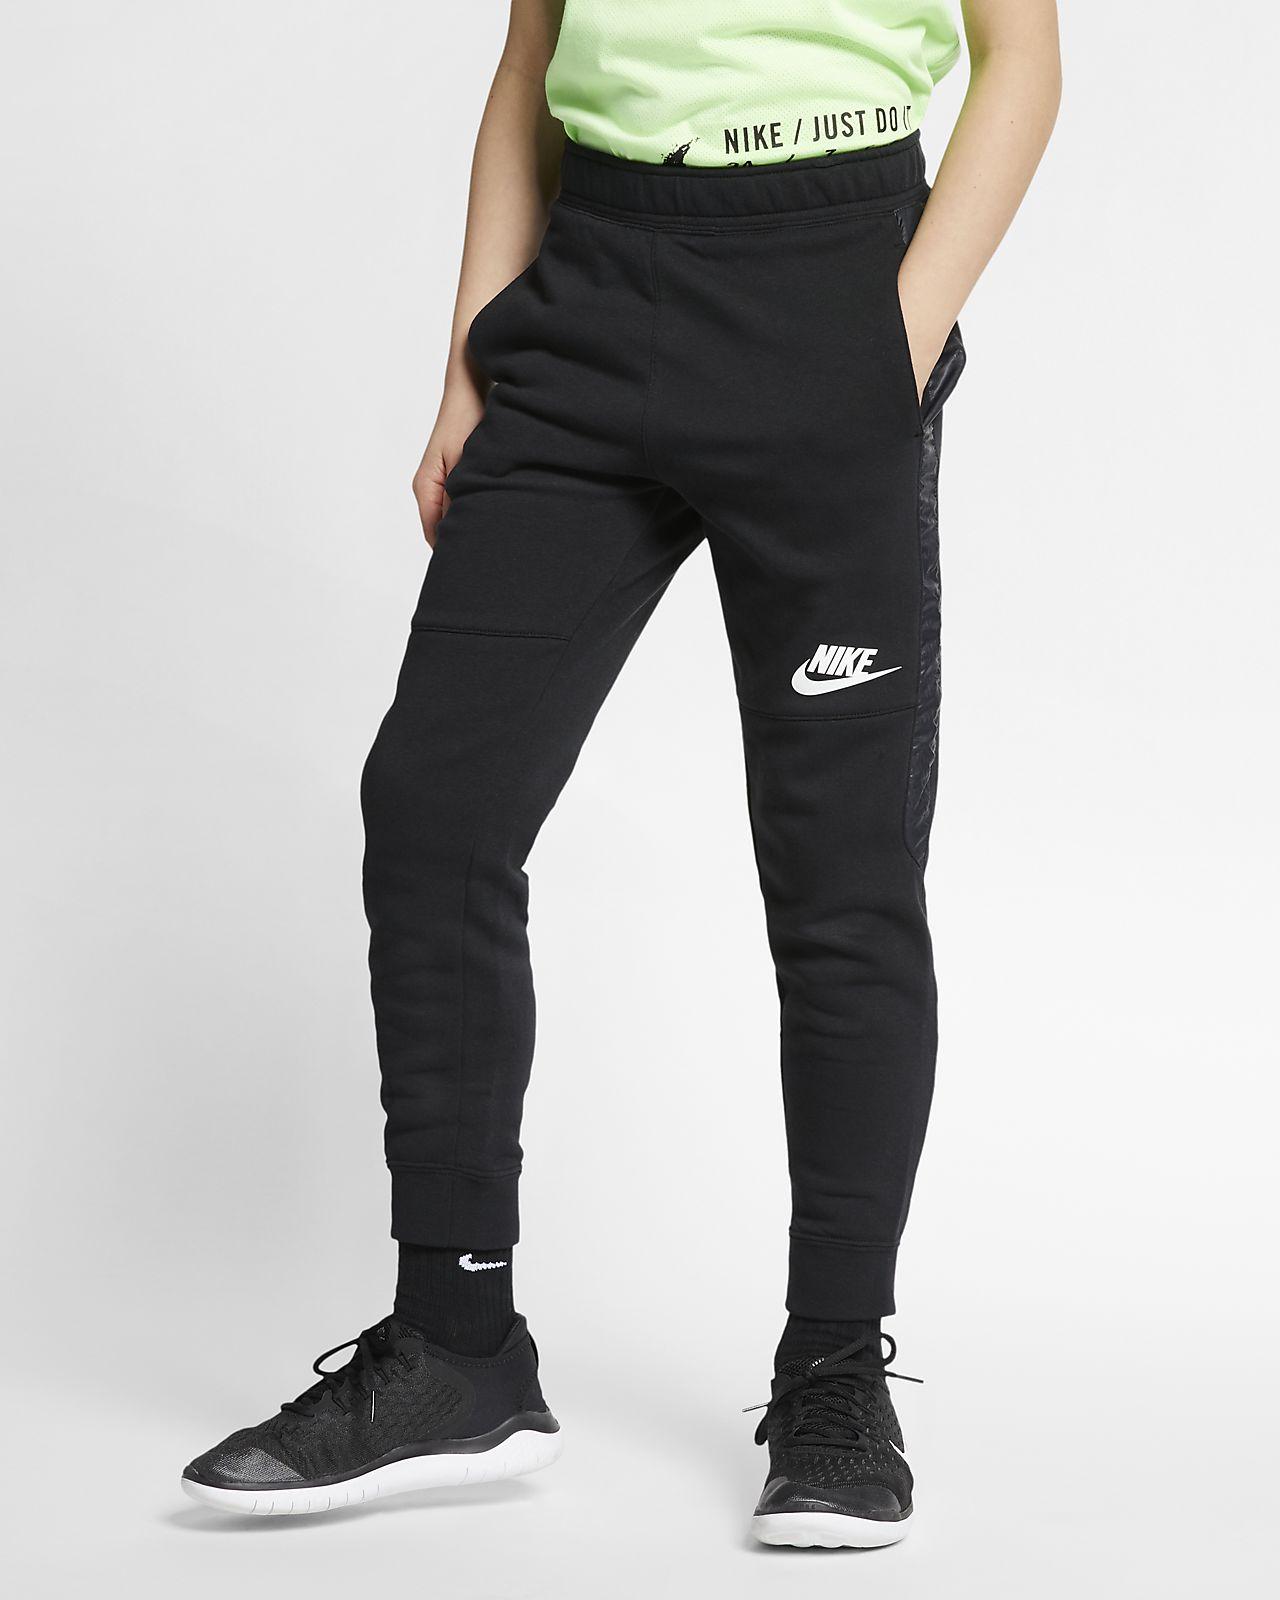 Grande Entrenamiento Pantalones Para Nike Talla Sportswear Niños De  qaq7xfZwX 58c95c0f127